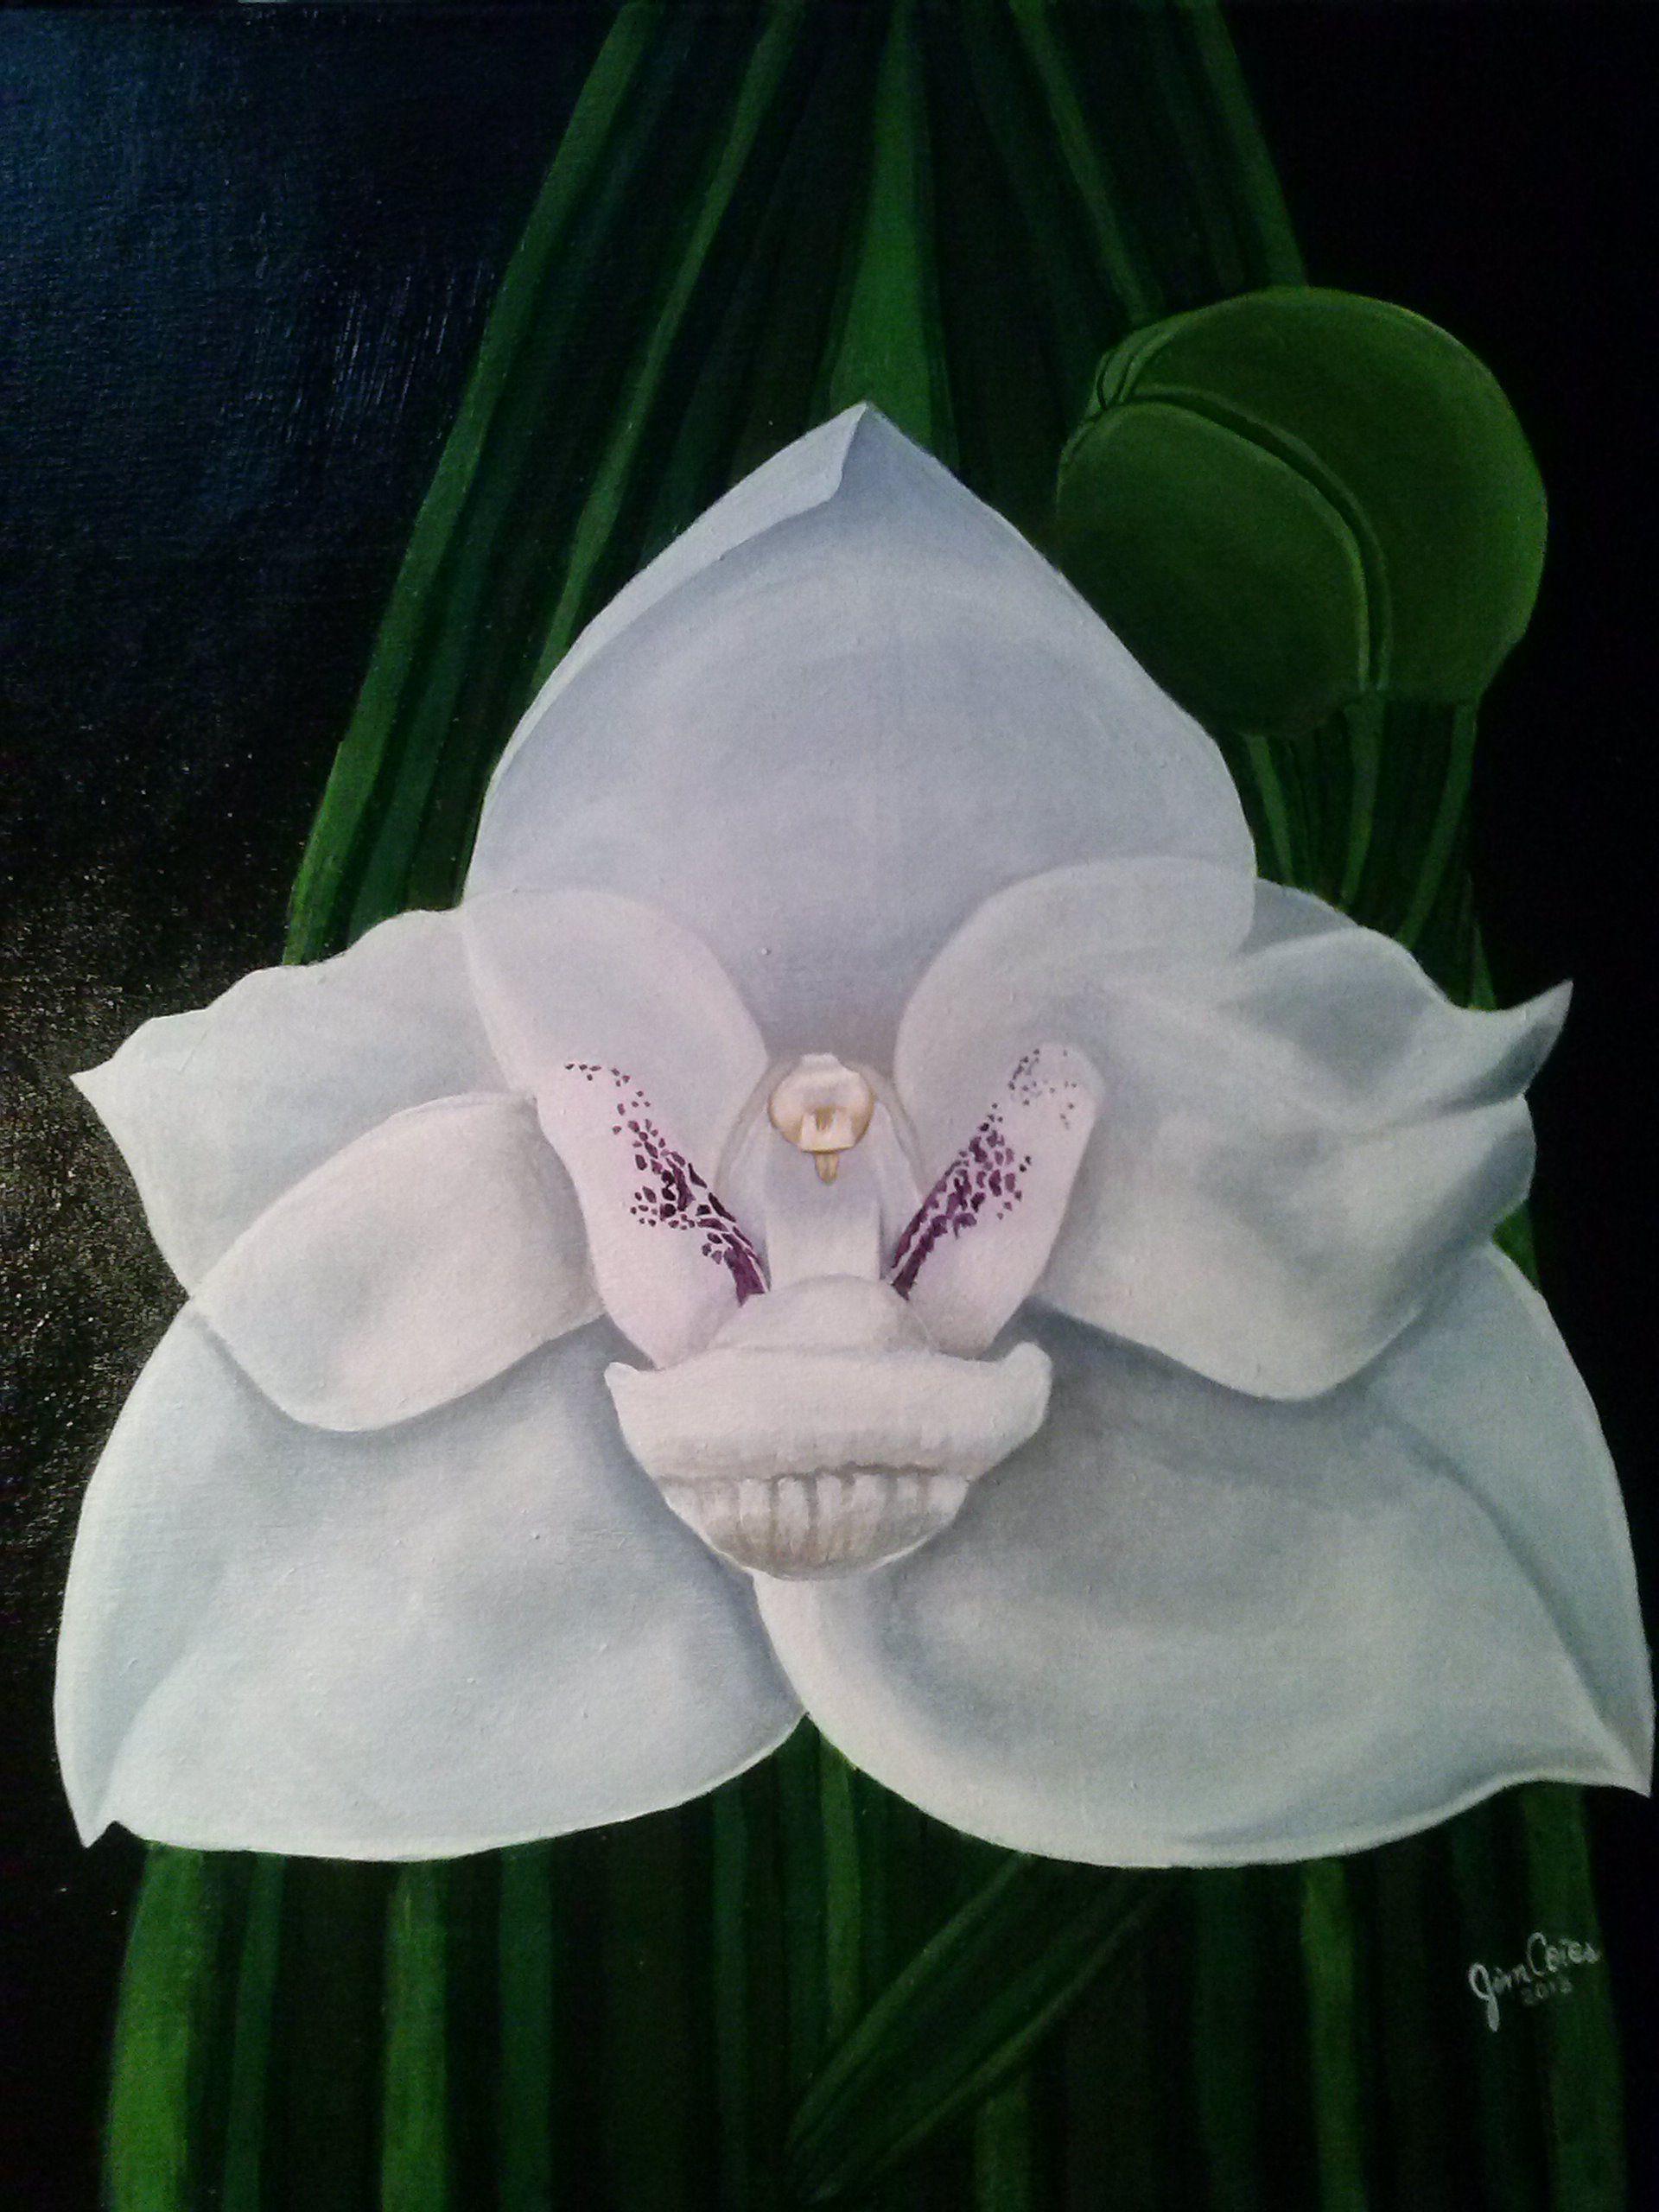 Peristeria Elata Flor Del Espíritu Santo Flor Nacional De Panamá Plantas En Maceta Orquideas Murales